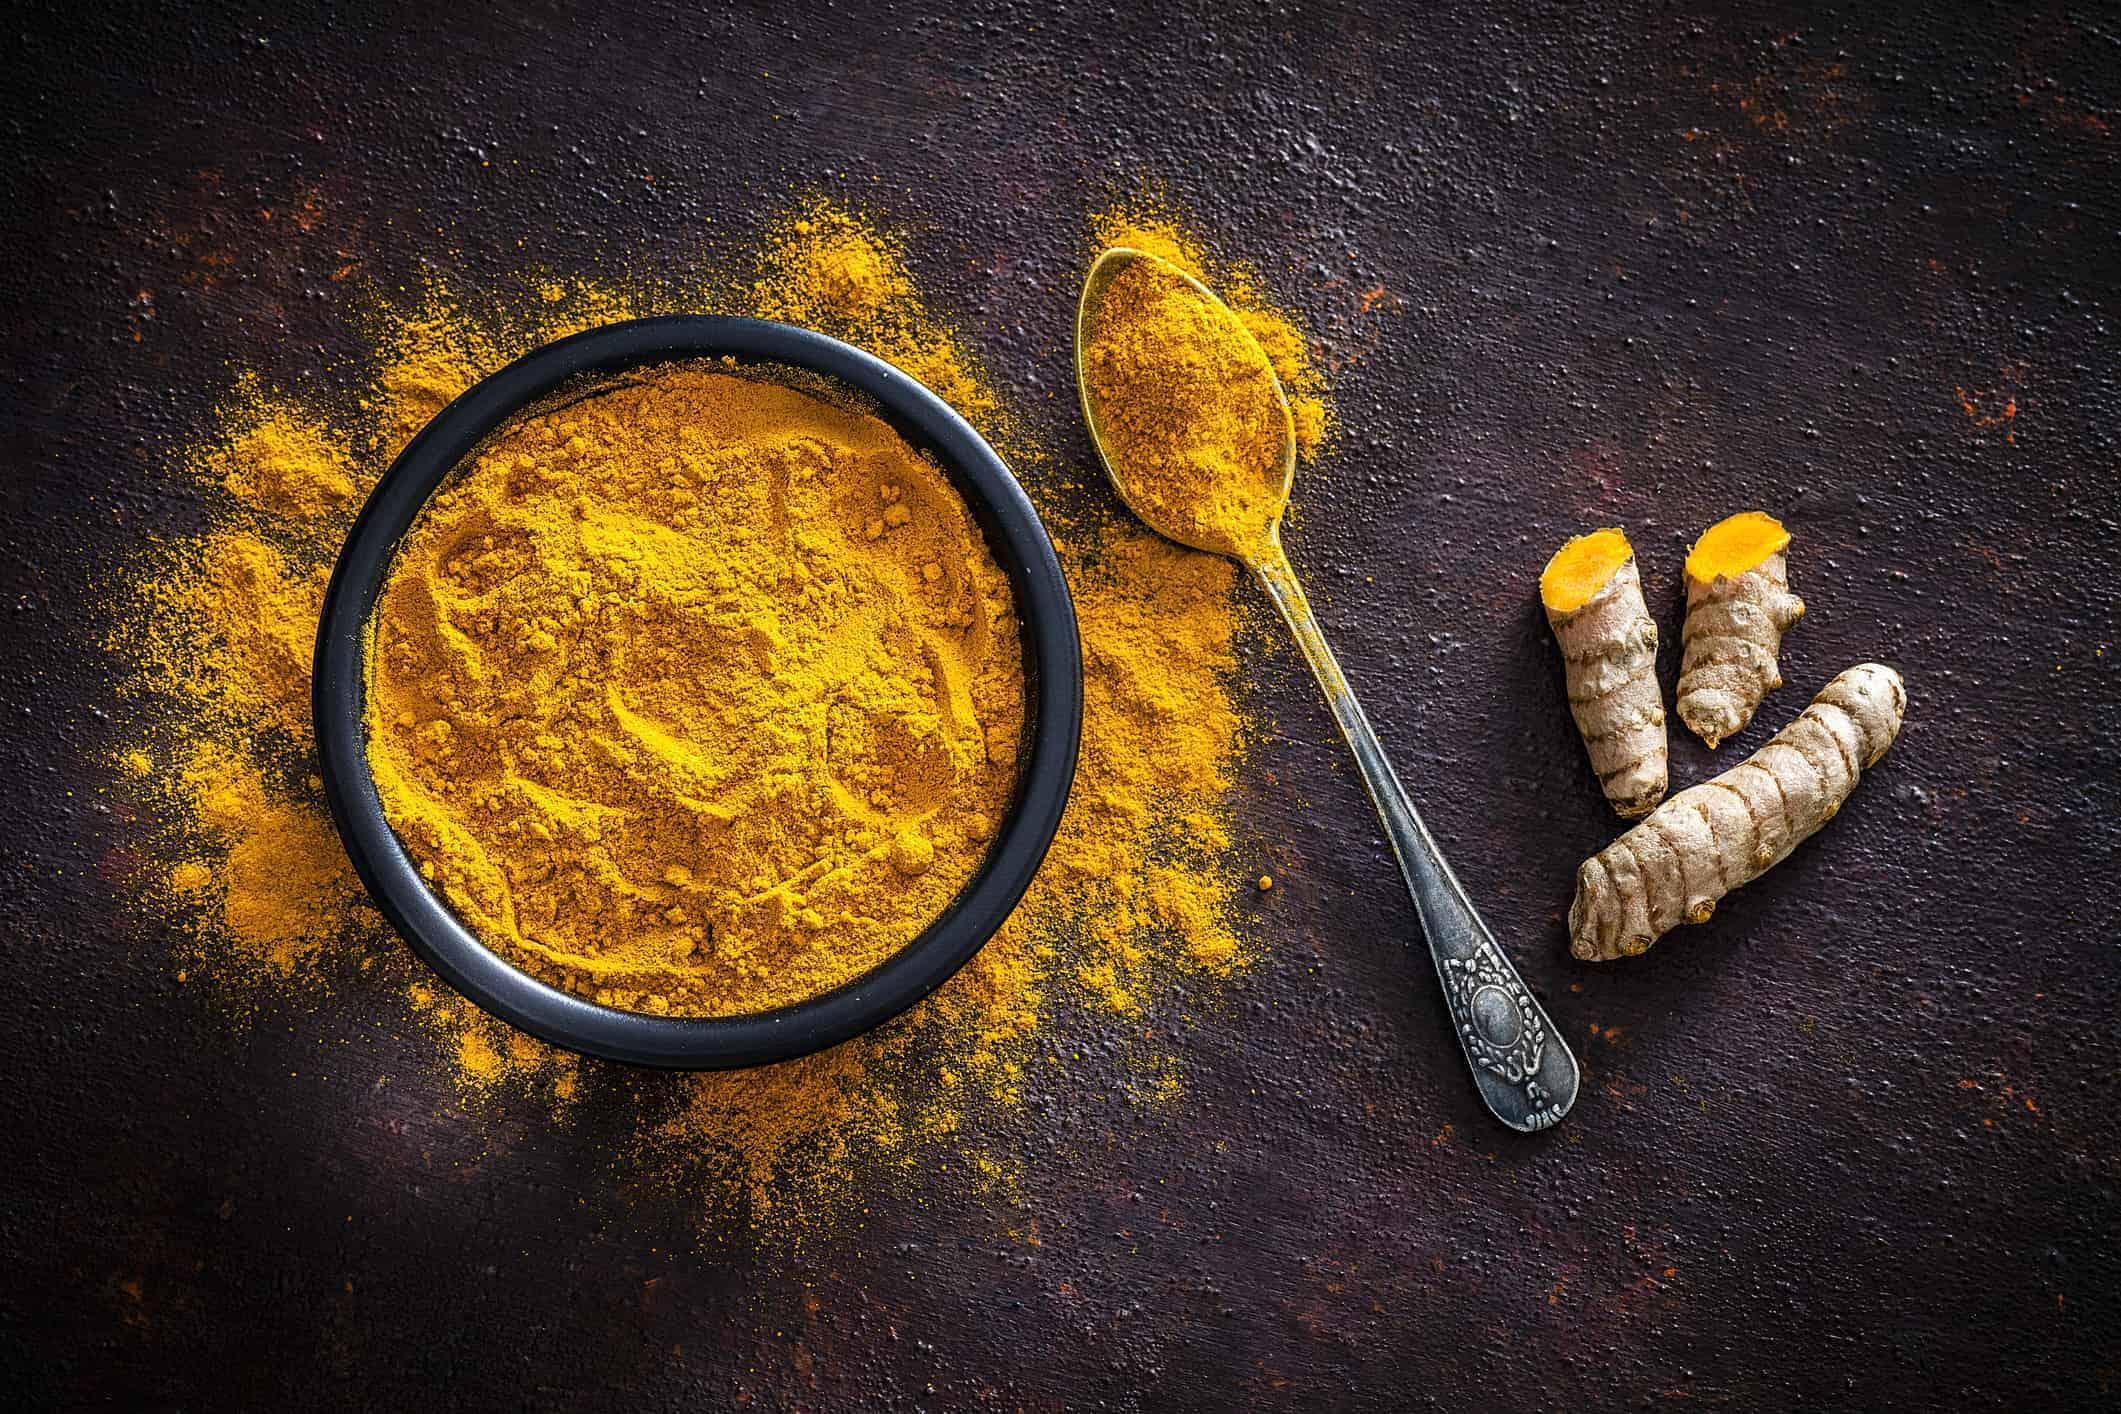 super foods, antioxidants, foods to heal kidneys, foods tof CKD, foods to renal health, healthy kidney foods